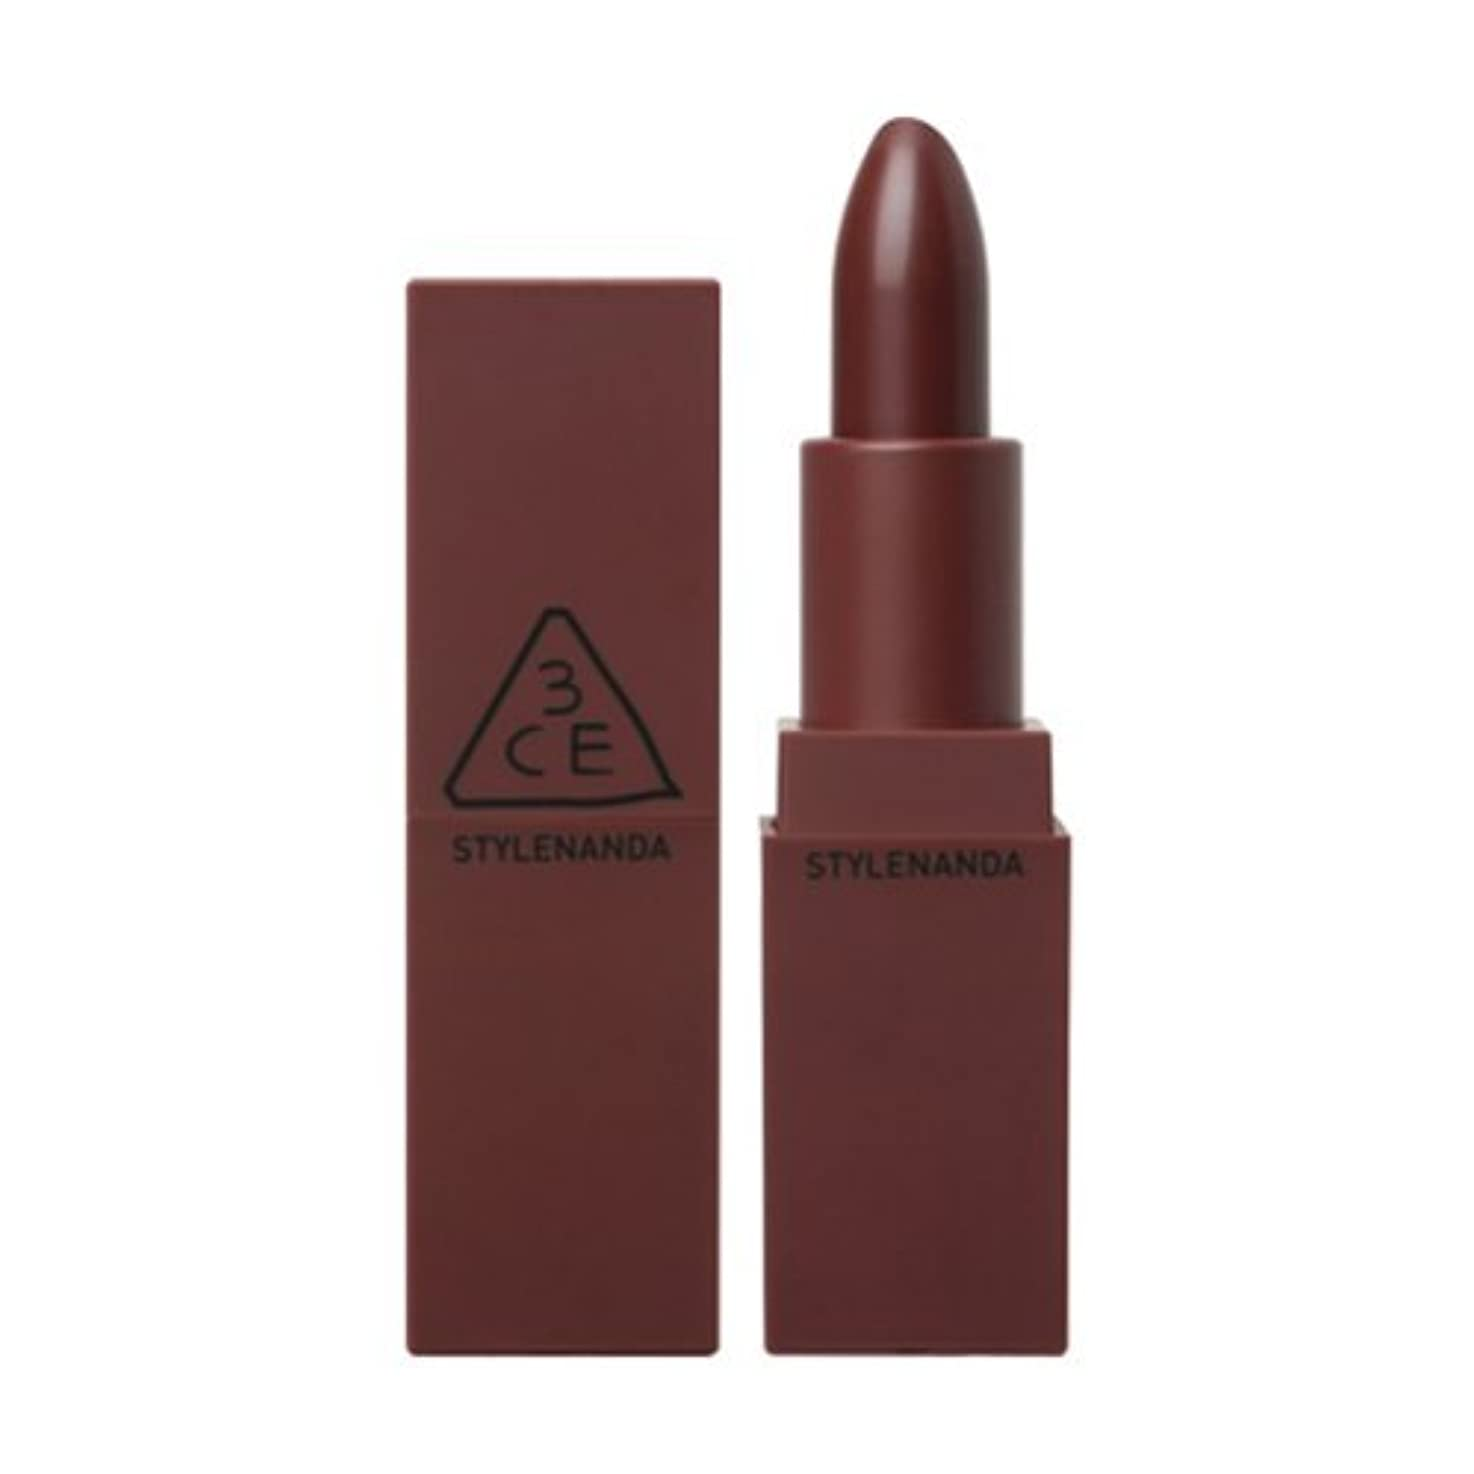 発火する実際にロードされたSTYLE NANDA 3CE MOOD RECIPE マットリップ リップスティック カラー#117 Chicful 3.5g / STYLE NANDA 3CE MOOD RECIPE MATTE LIP Lipstick...